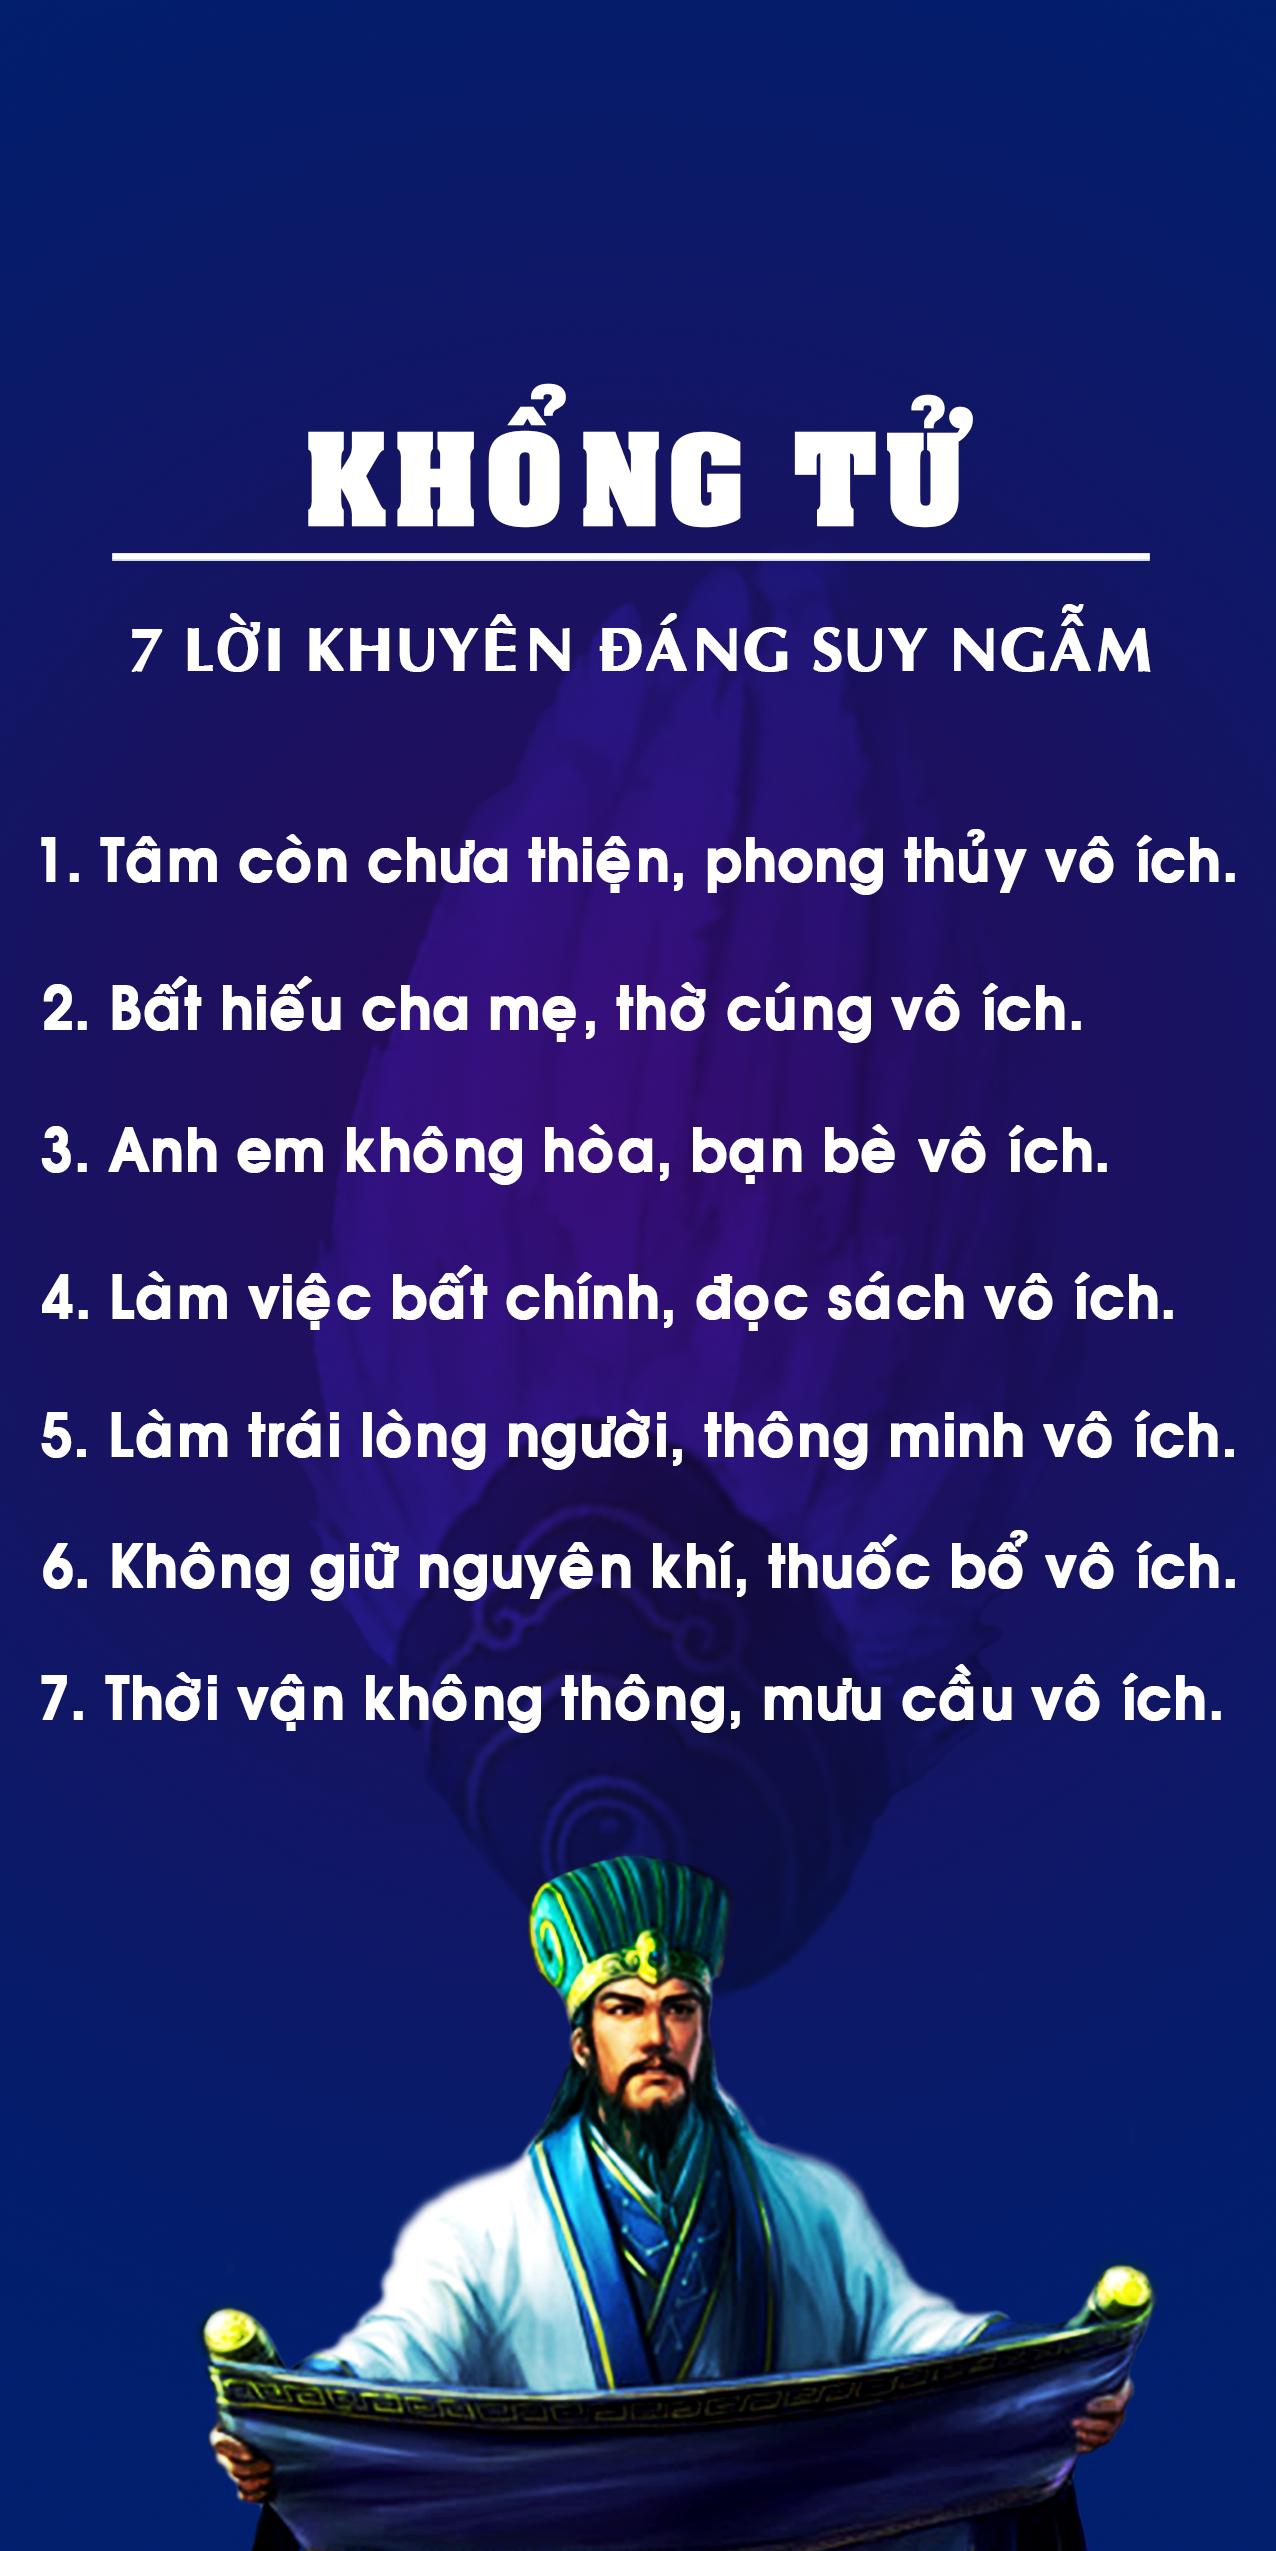 Ghim Của Vo Quốc Việt Tren Vui Những Người Thanh Cong Lời Khuyen Cuộc Sống